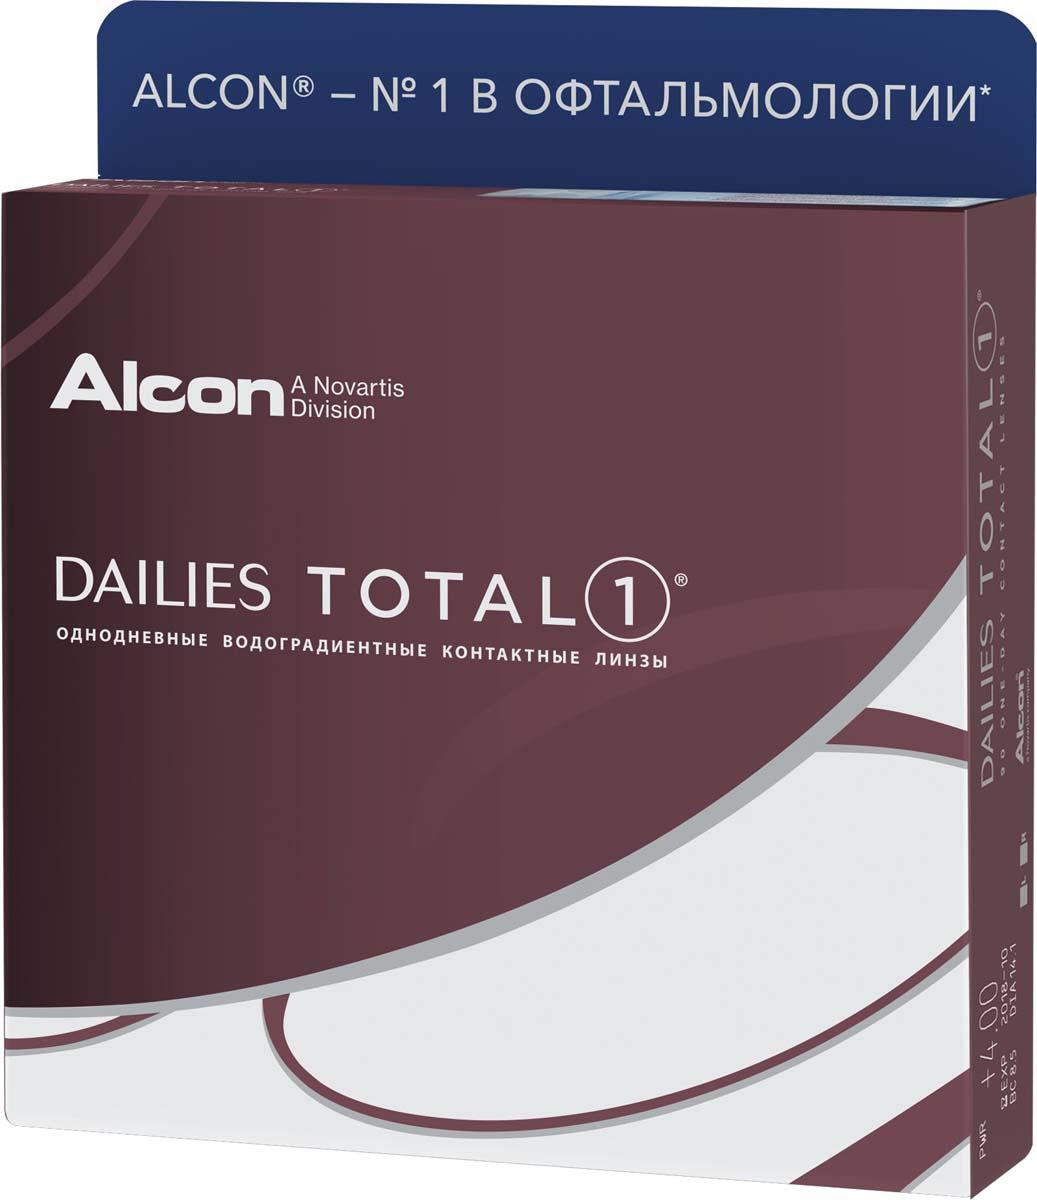 Аlcon Контактные линзы Dailies Total 90 шт /-3.50 /8.5 /14.1